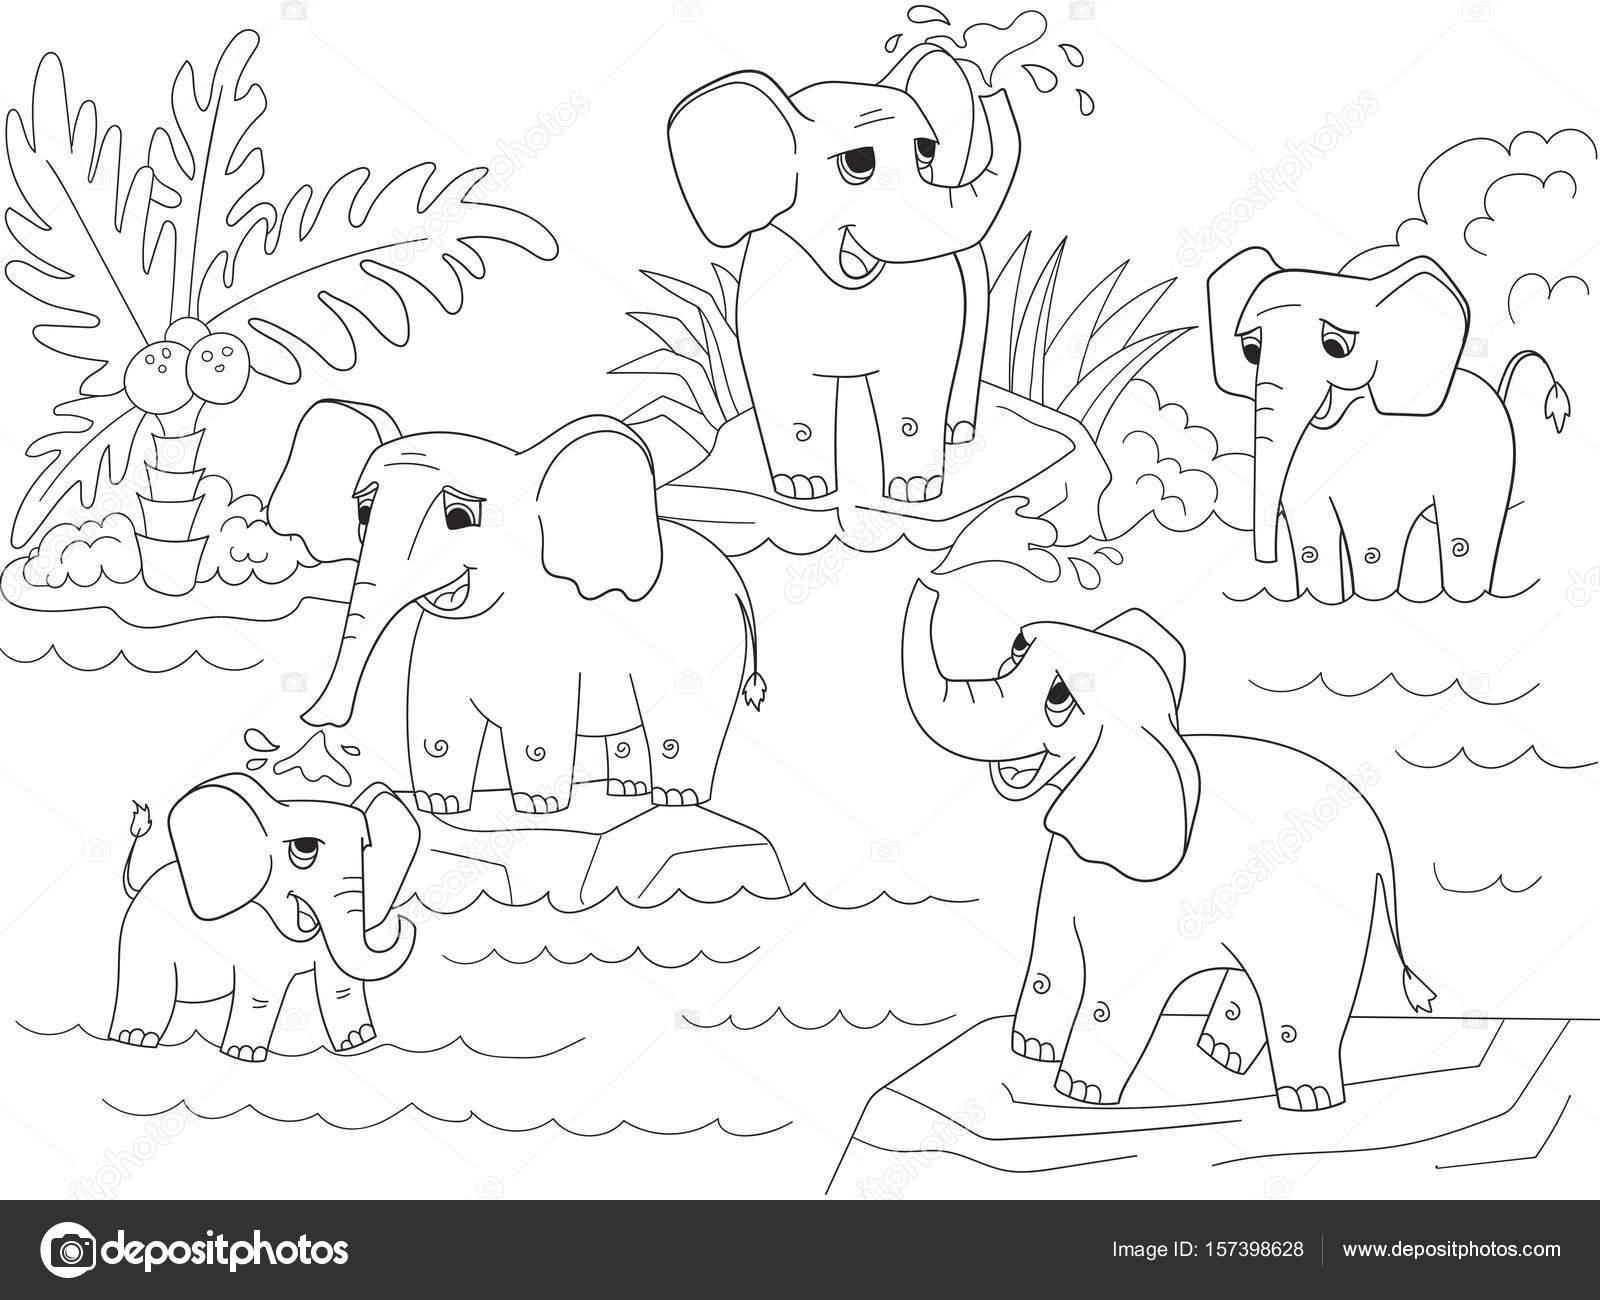 Coloriage Famille Africaine.Famille D Elephants Africains Cahier De Coloriage Pour Enfants